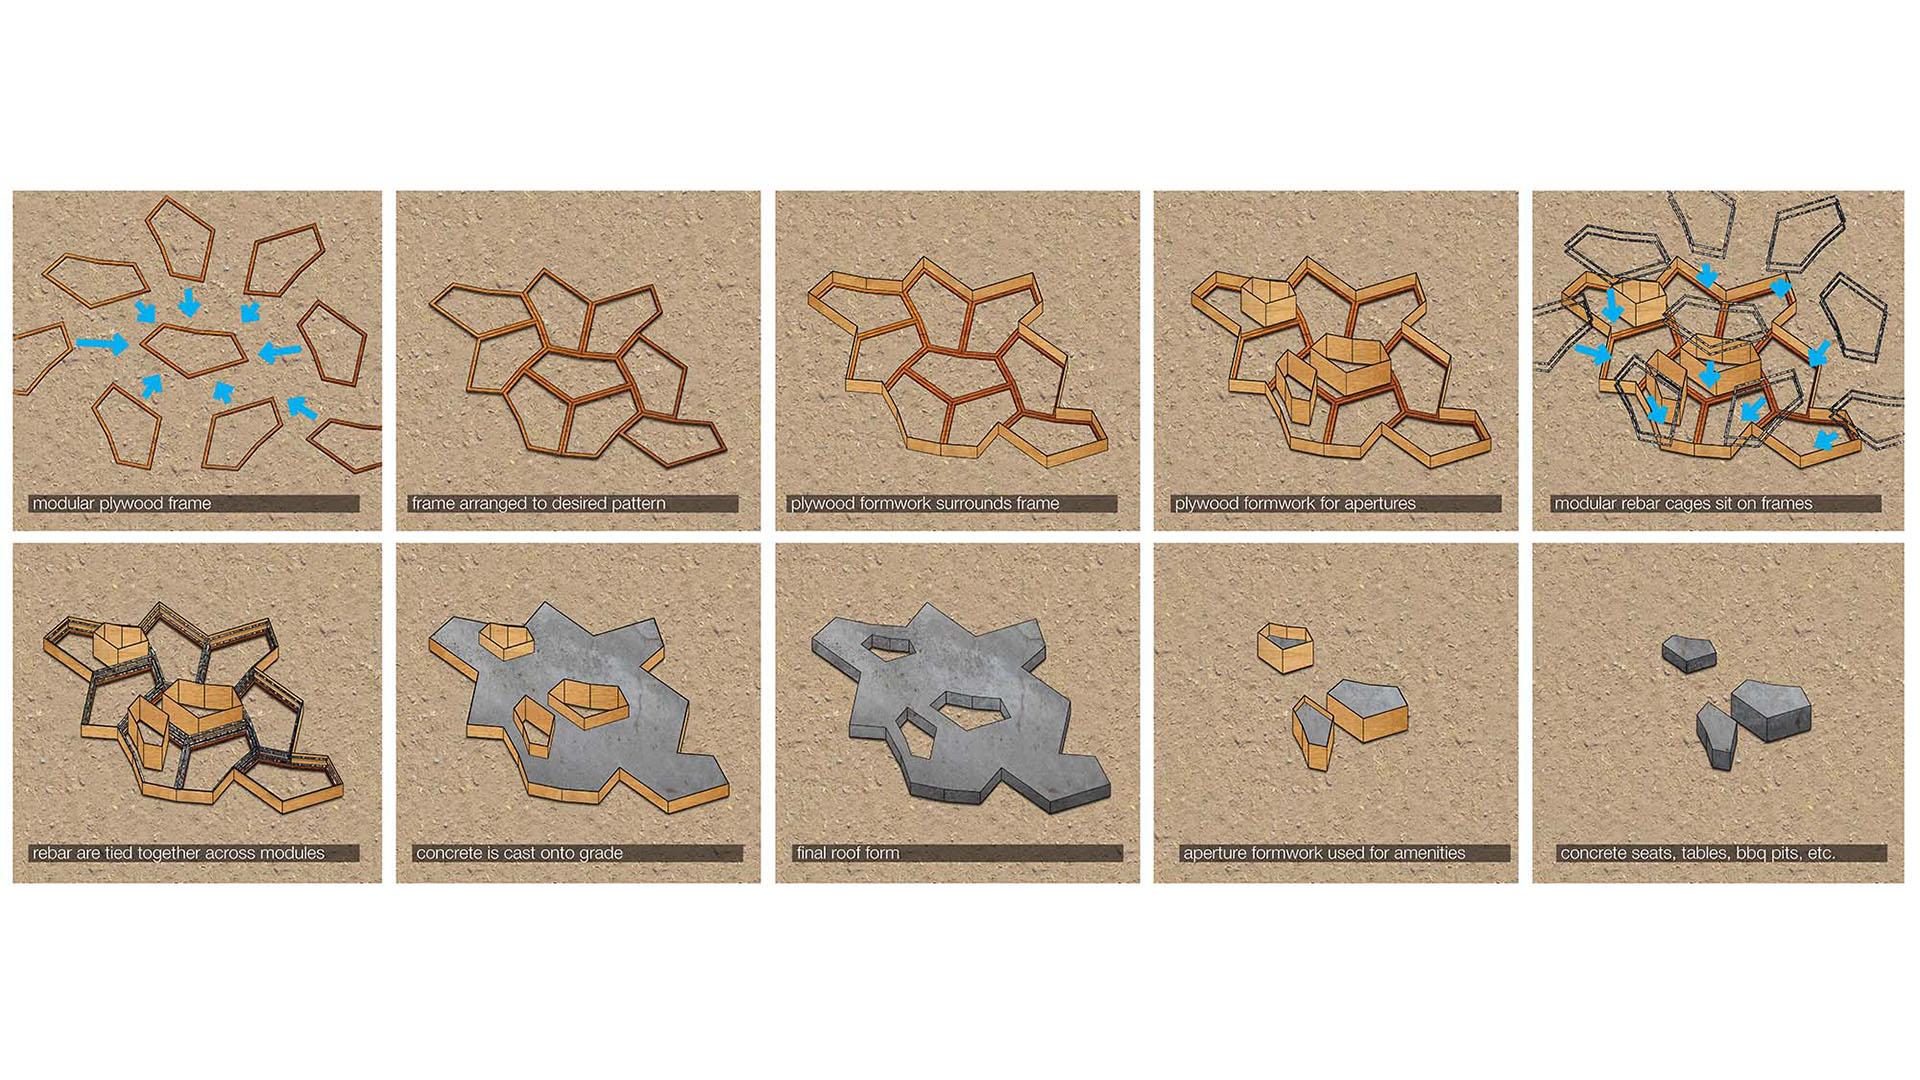 EarthCastPavilion_Diagram_RoofCast.jpg